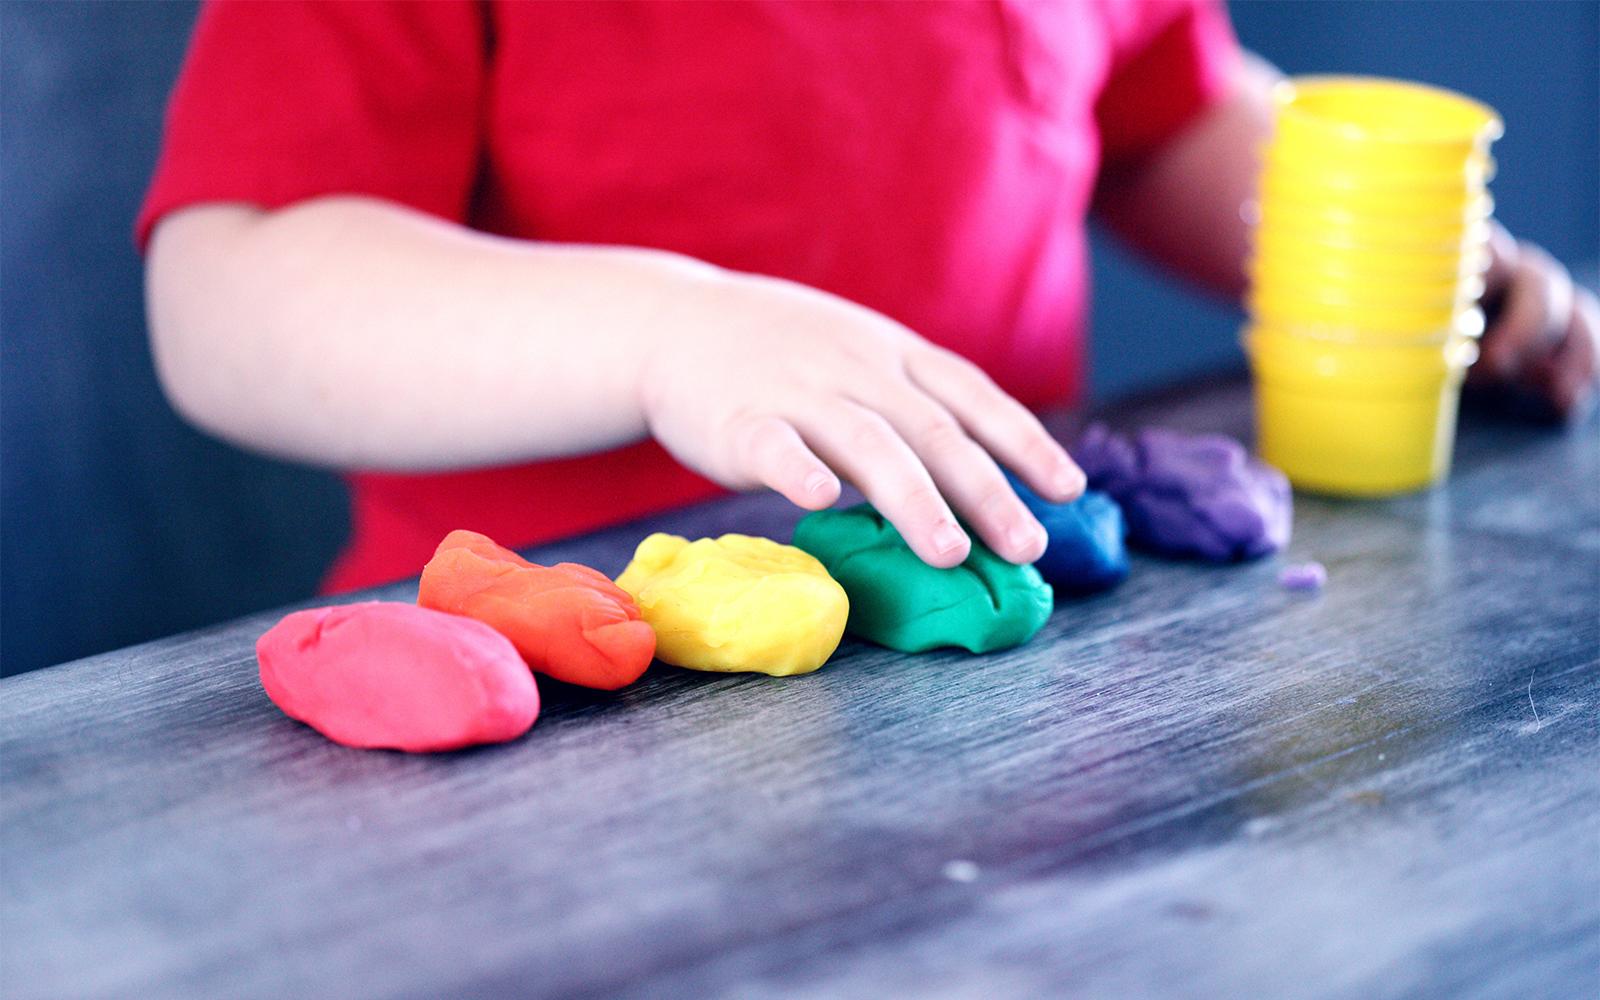 تمرین های روزانه برای پیشرفت درسی و بهبود حافظه کودک